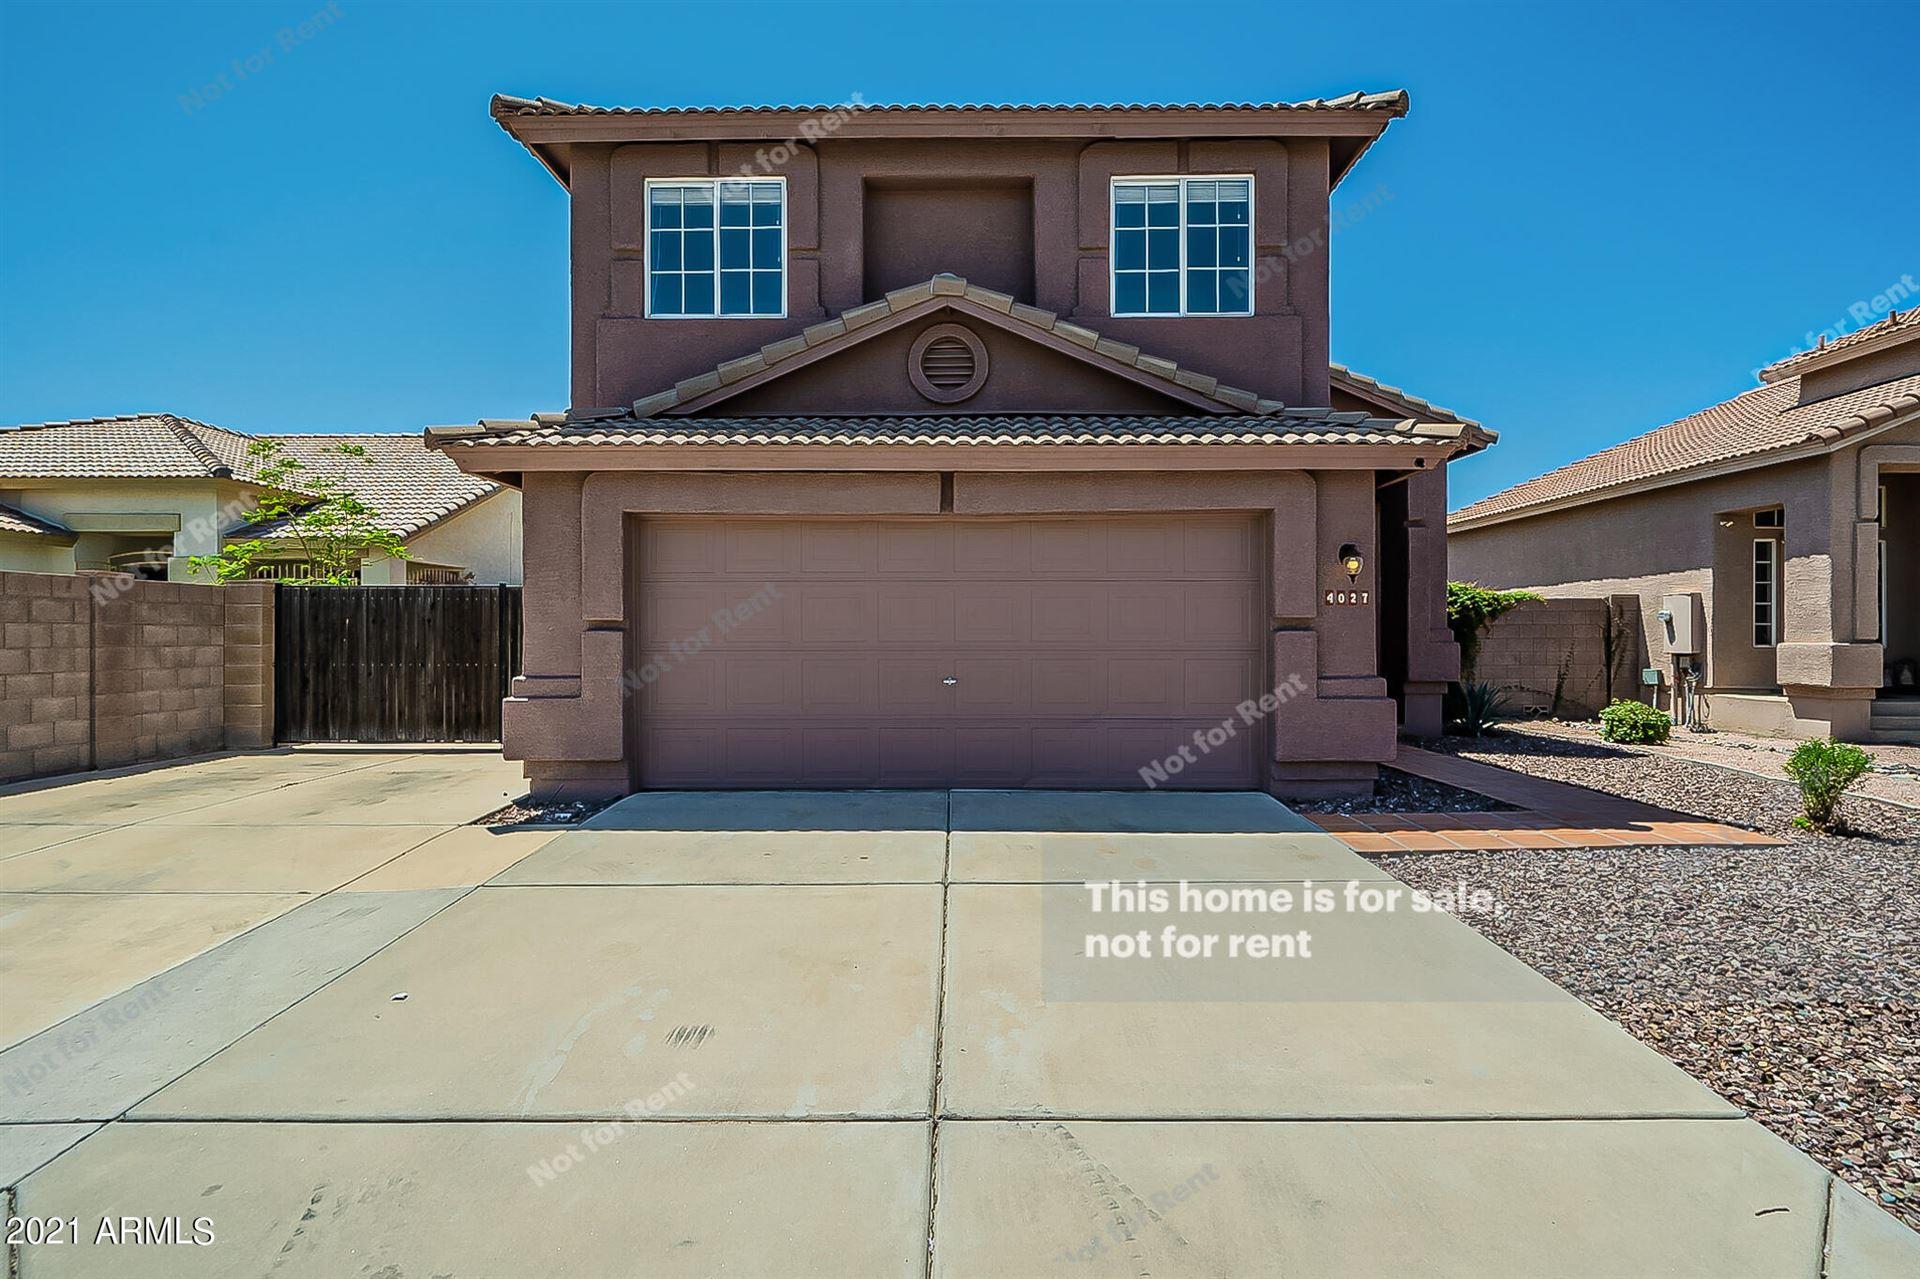 4027 W LONE CACTUS Drive, Glendale, AZ 85308 - MLS#: 6271226